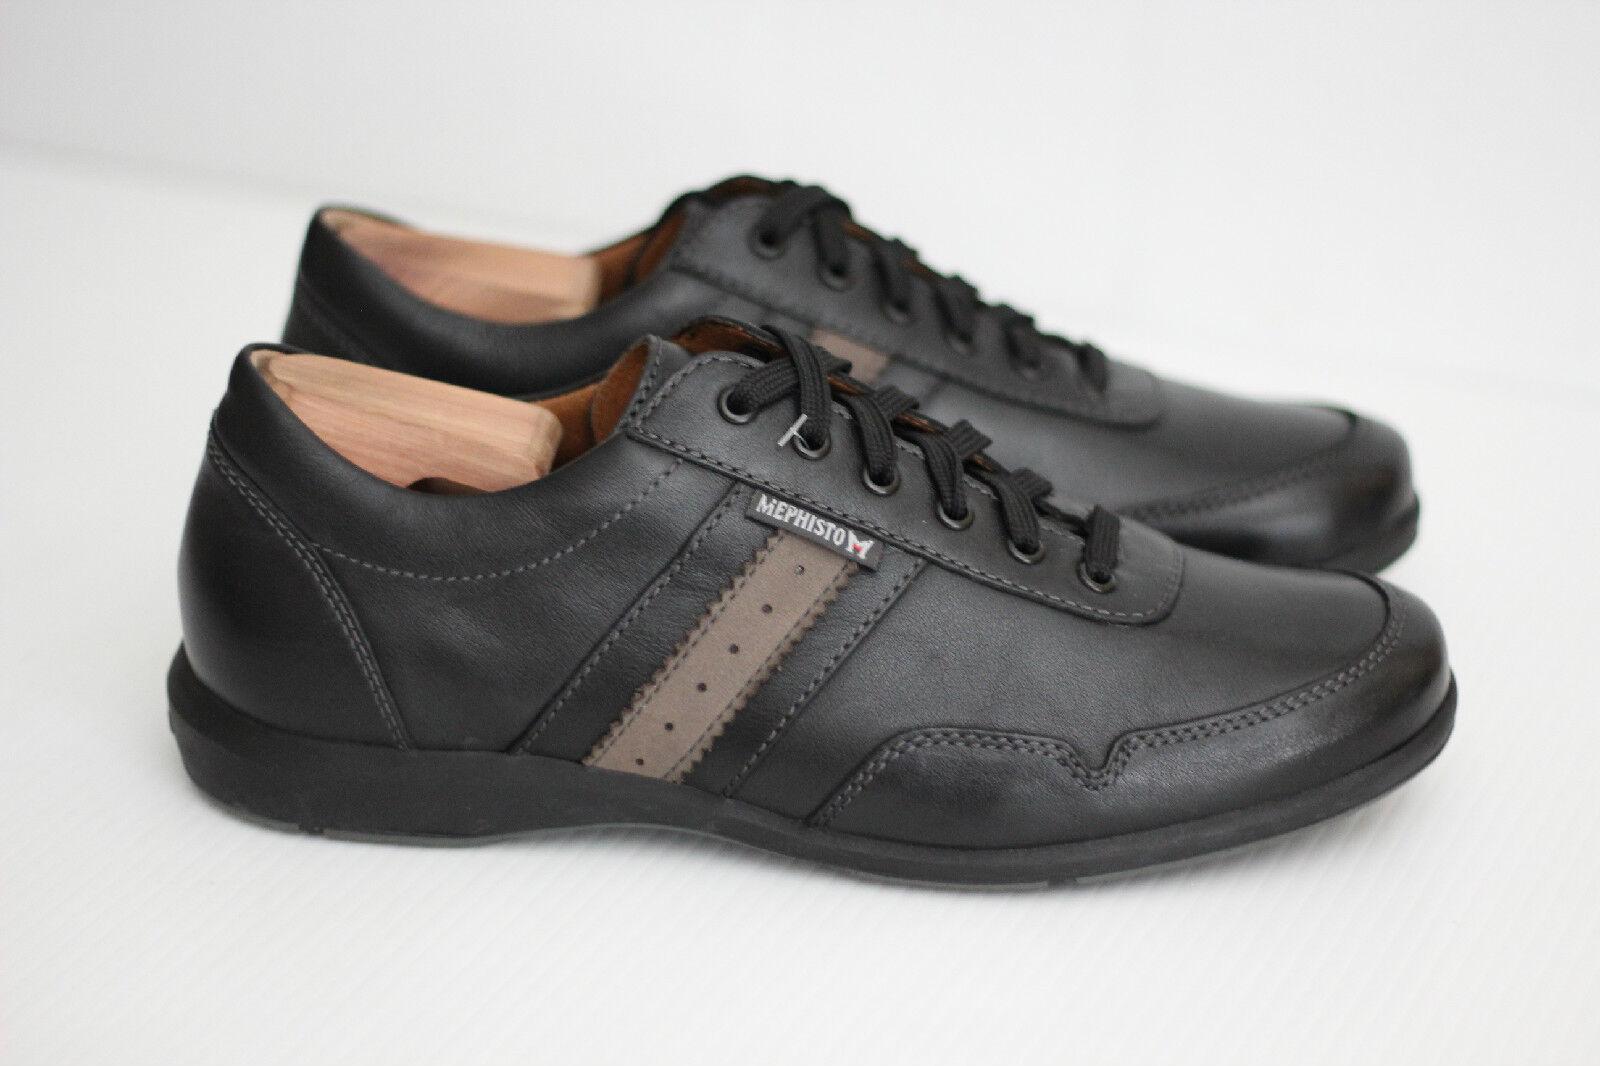 Mens Mephisto 'Bonito' Walking scarpe scarpe da ginnastica - nero Leather - Dimensione 9.5US (W34)